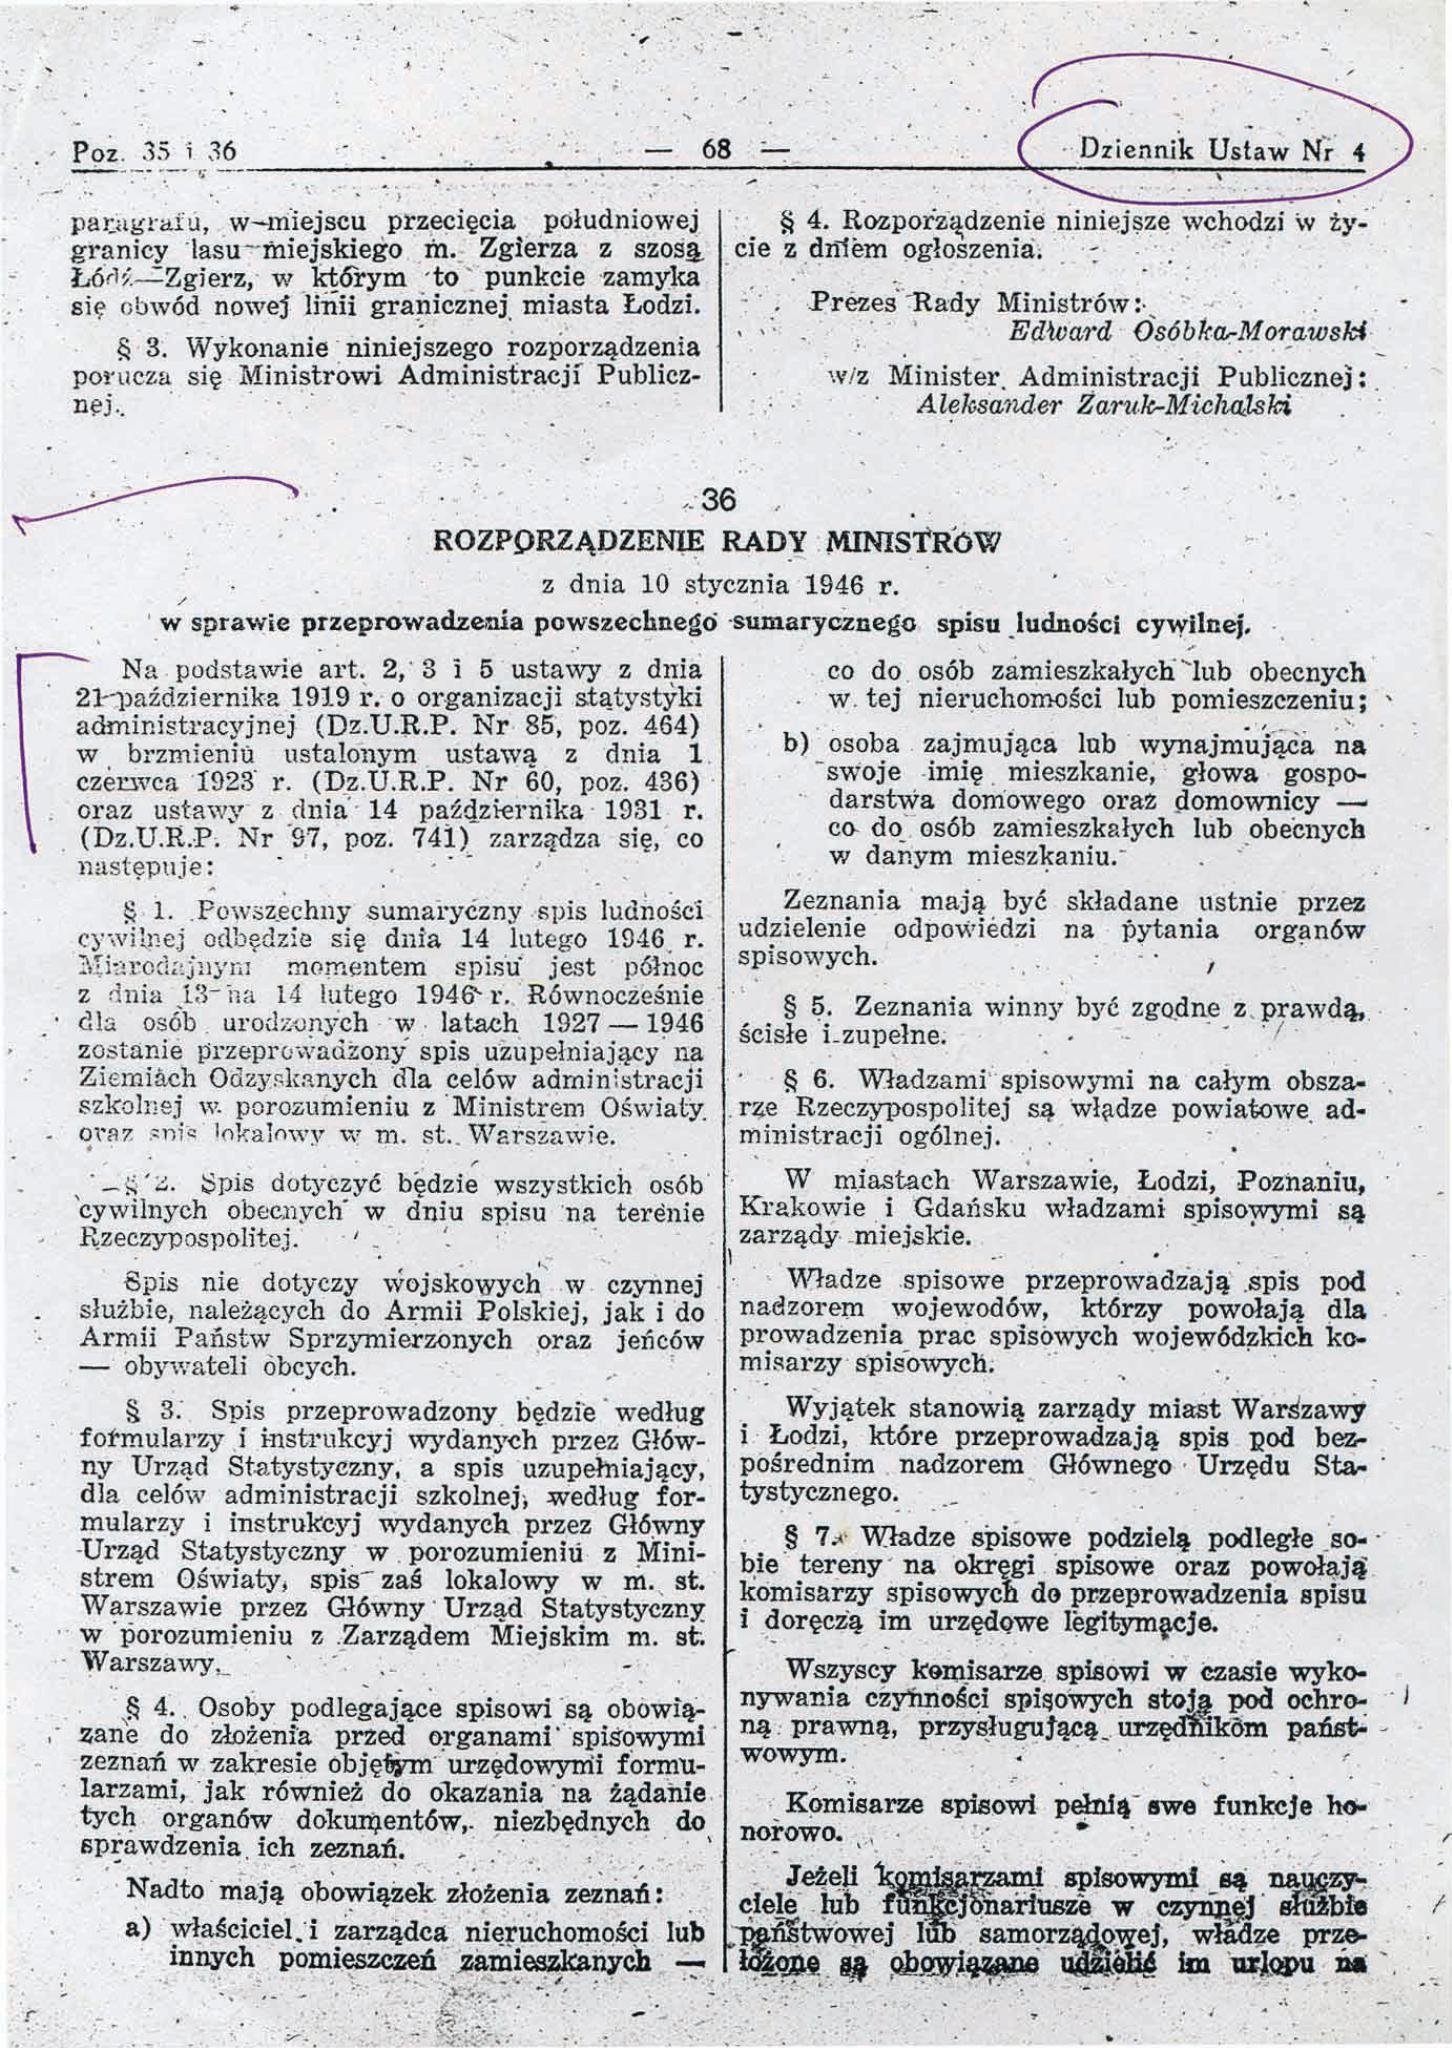 Rozporządzenie Rady Ministrów z dnia 10 stycznia 1946 r.